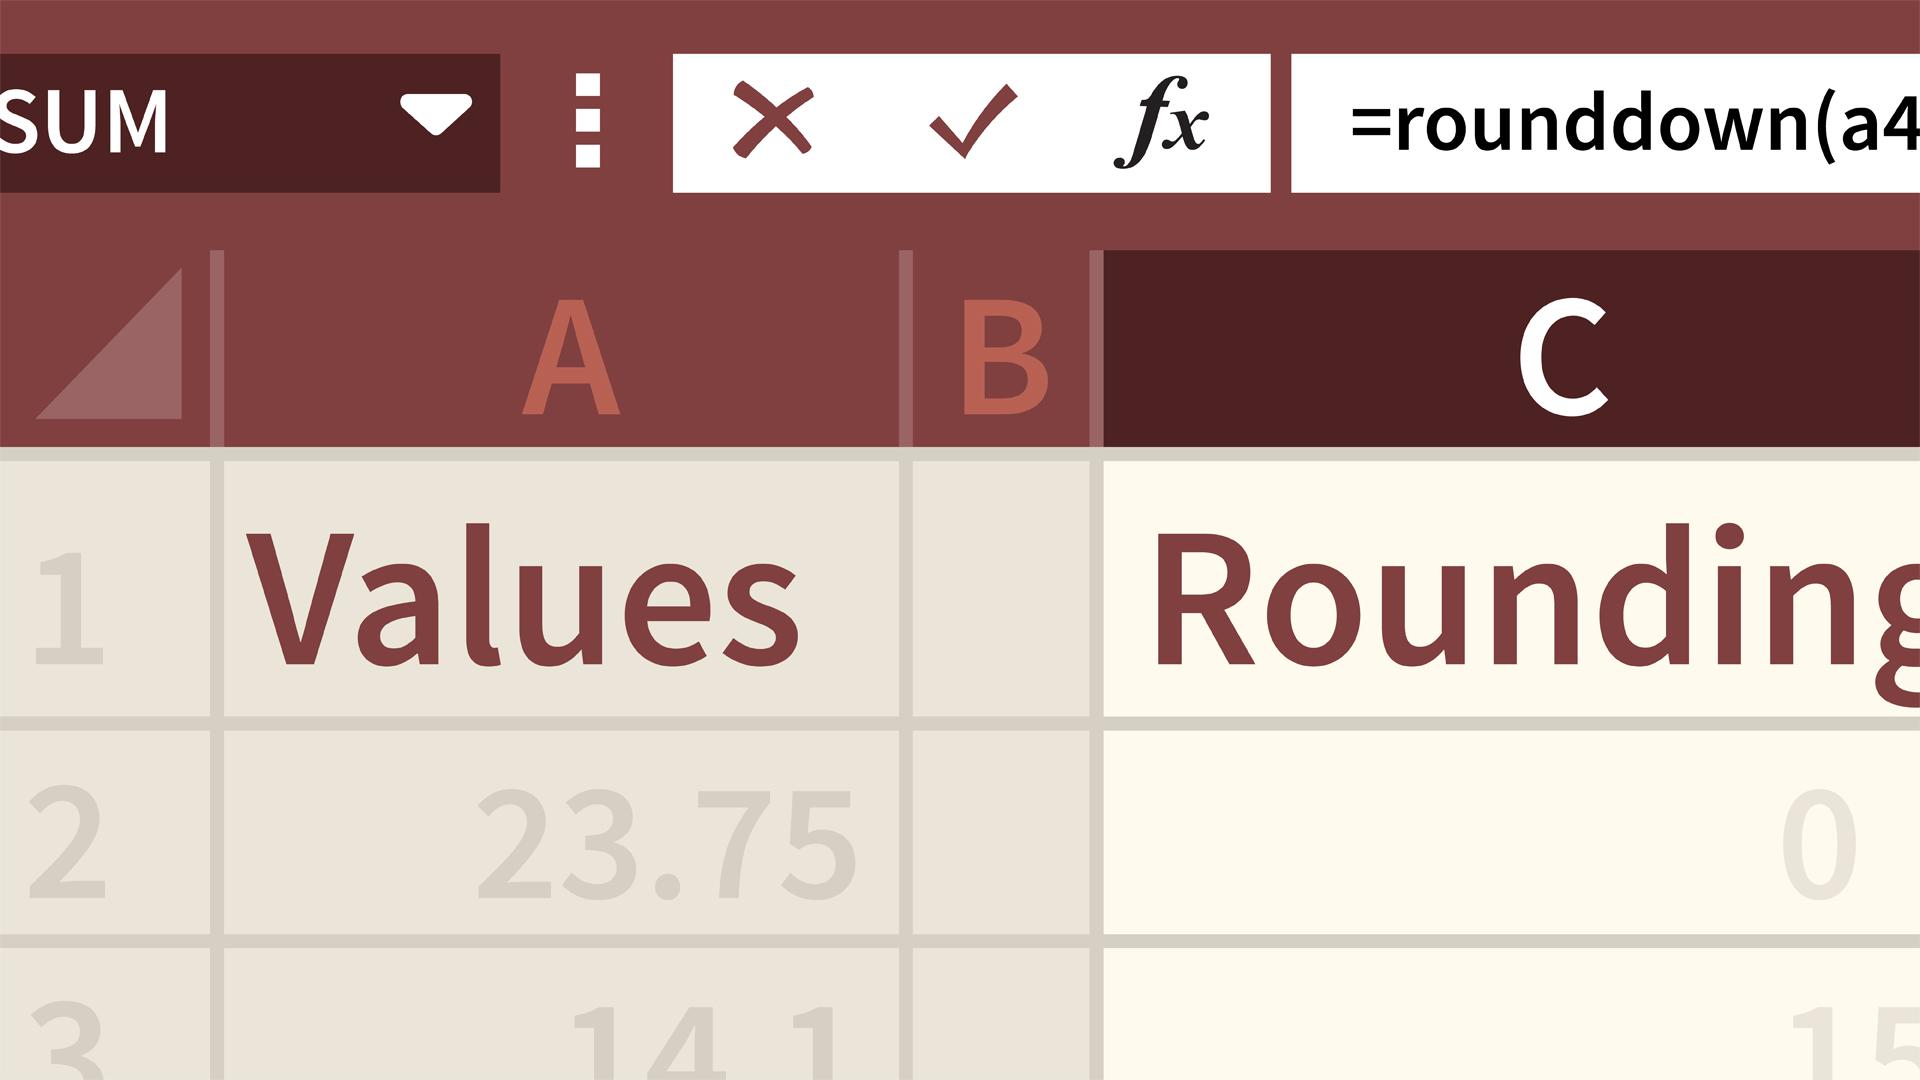 Find data using VLOOKUP formulas